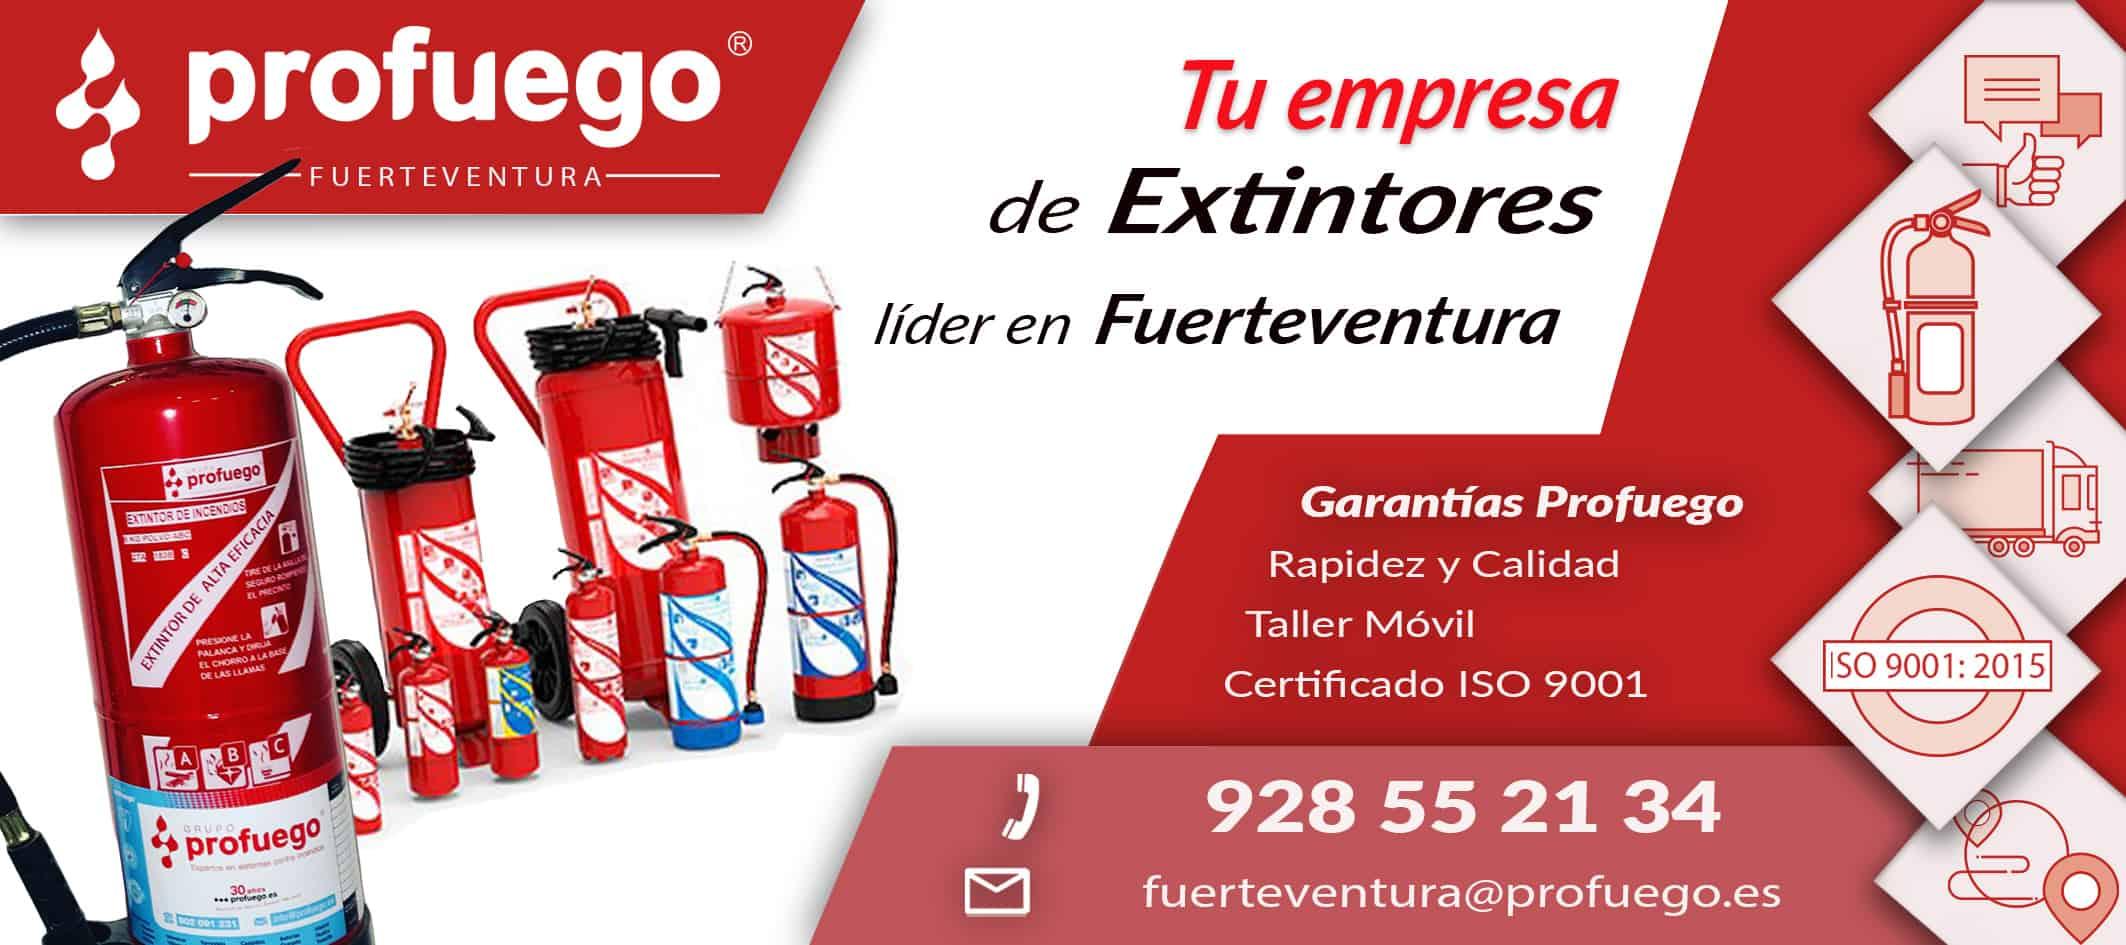 extintores fuerteventura